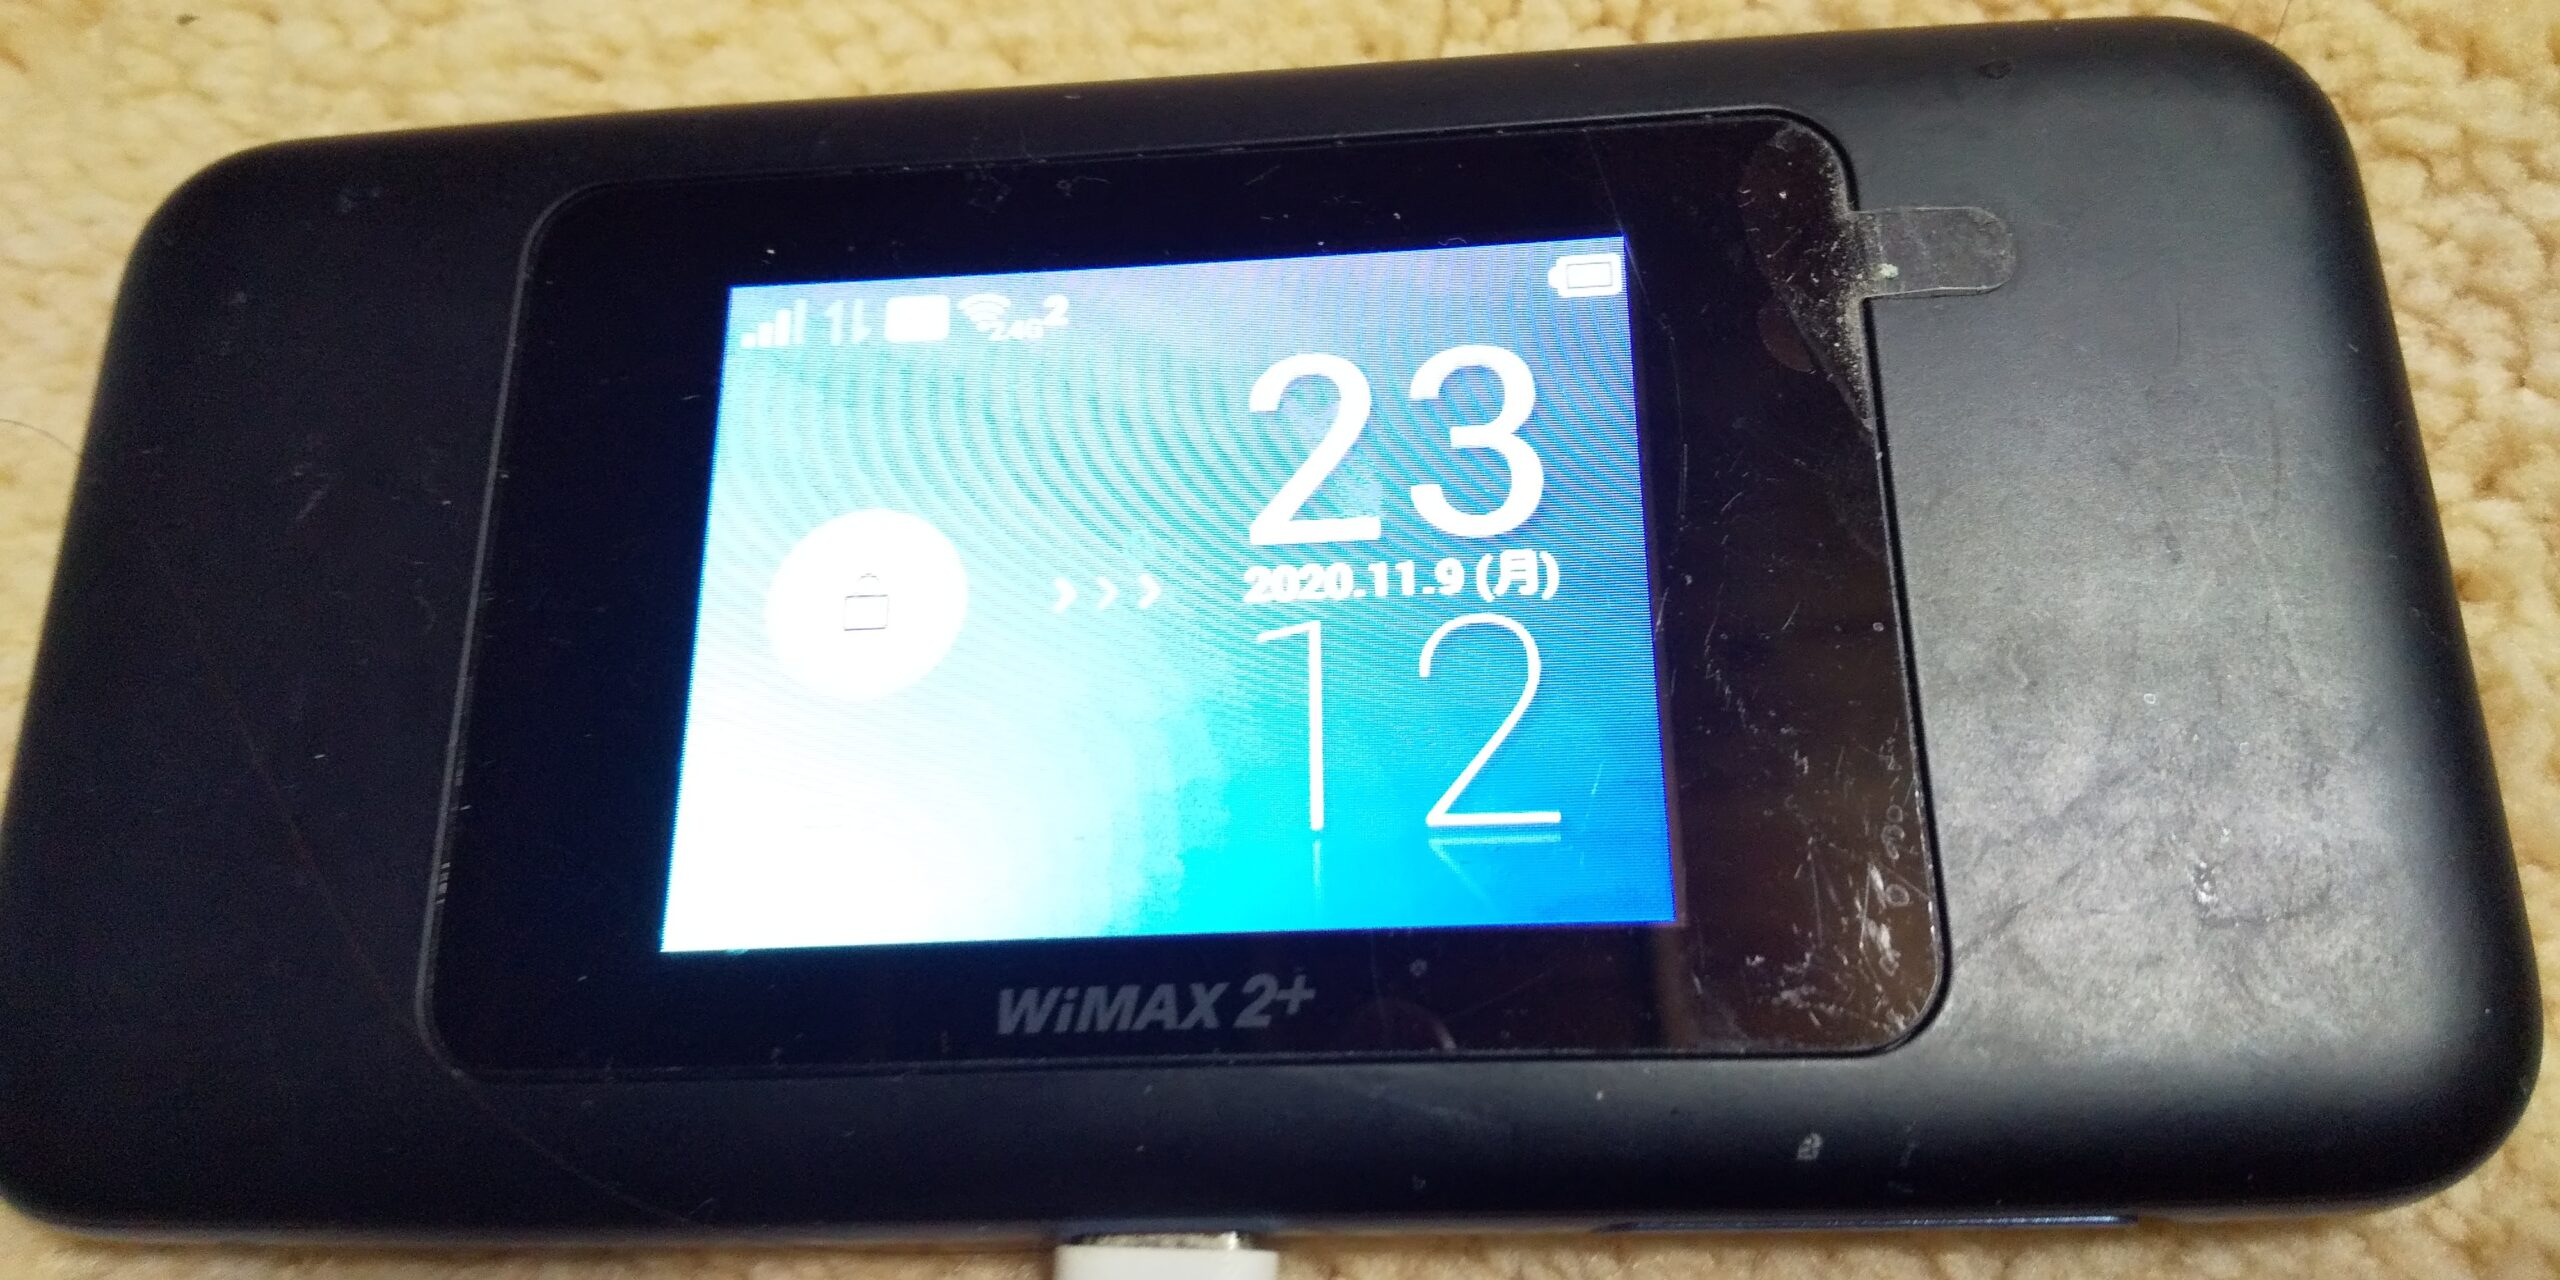 auWiMAXのSPEED-Wi-Fi-NEXT-W06